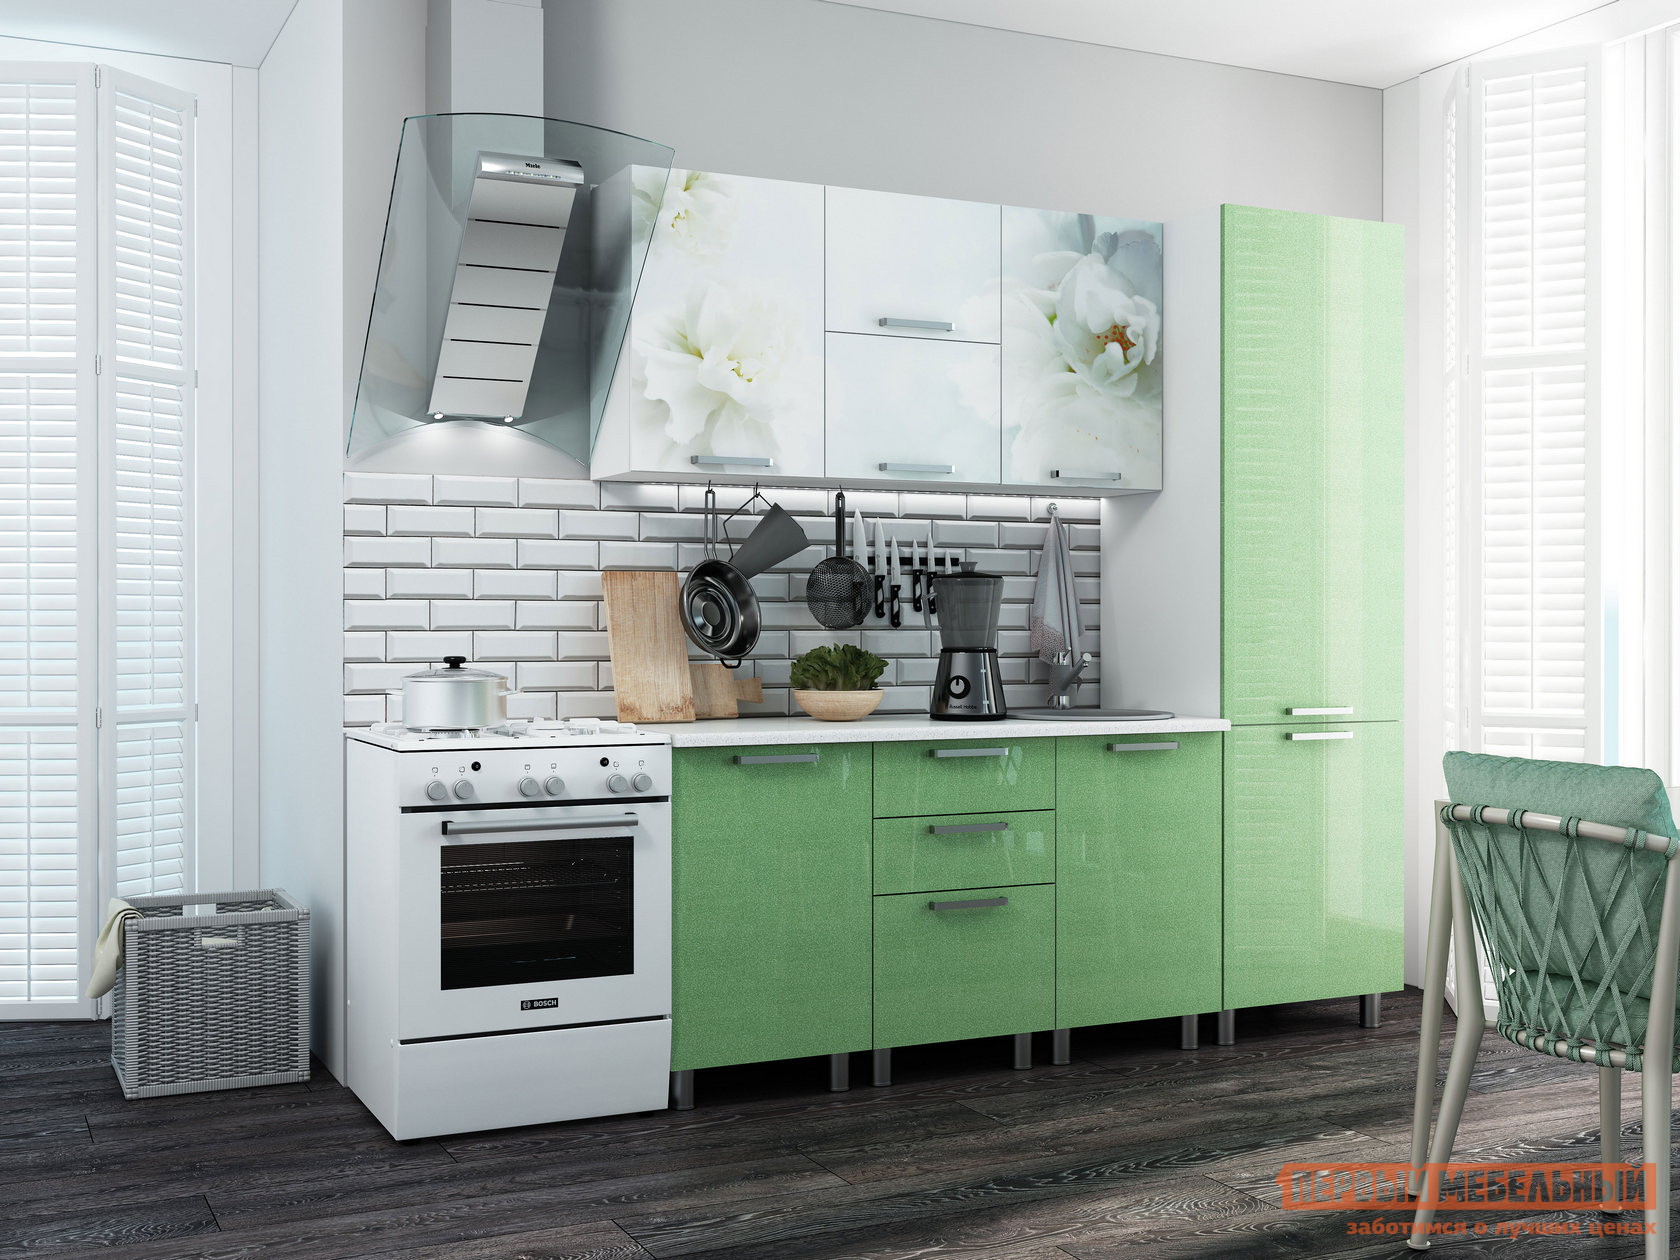 Кухонный гарнитур Первый Мебельный Бьянка